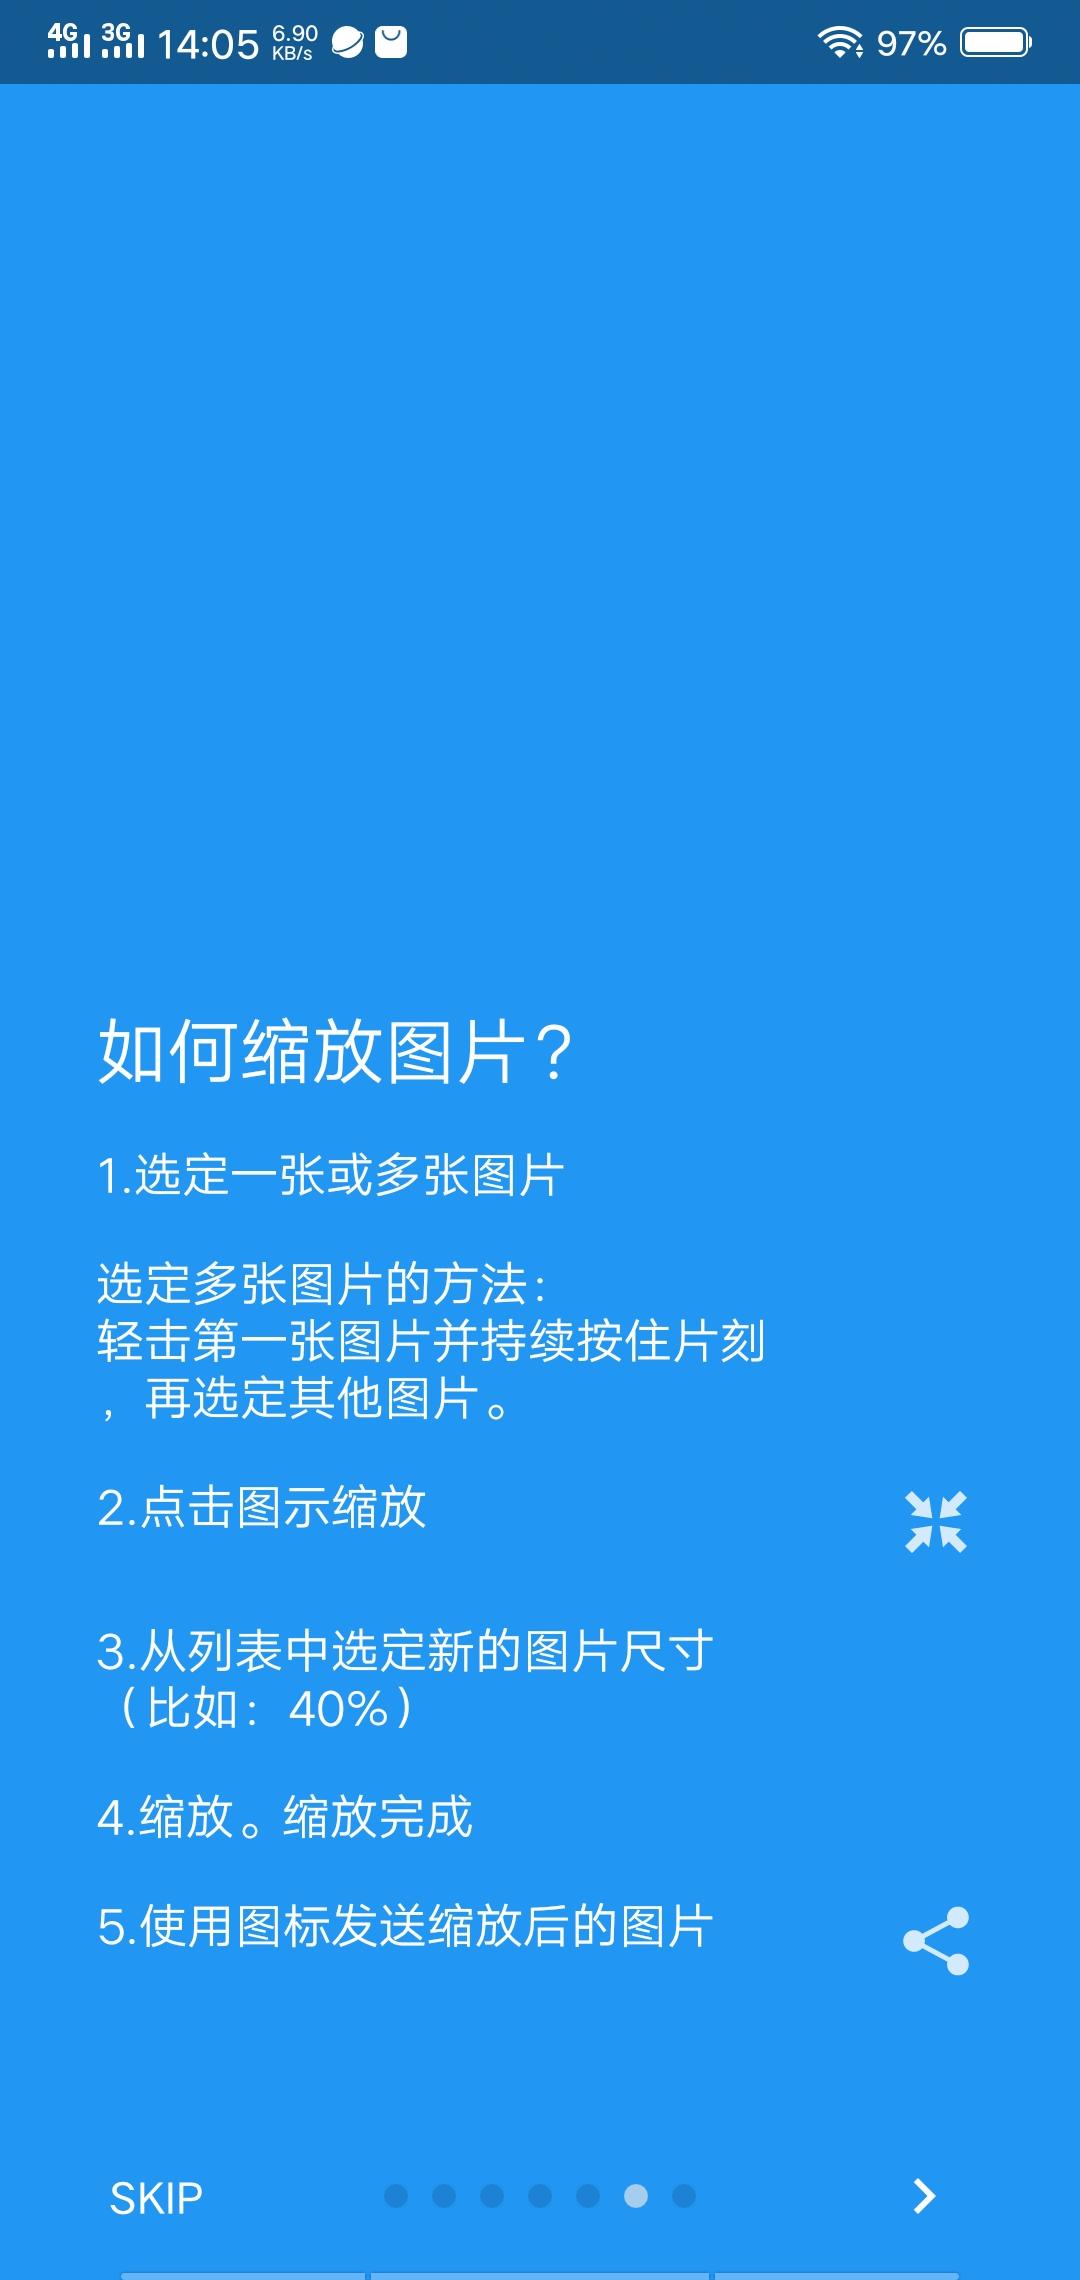 Screenshot_20190328_140530.jpg